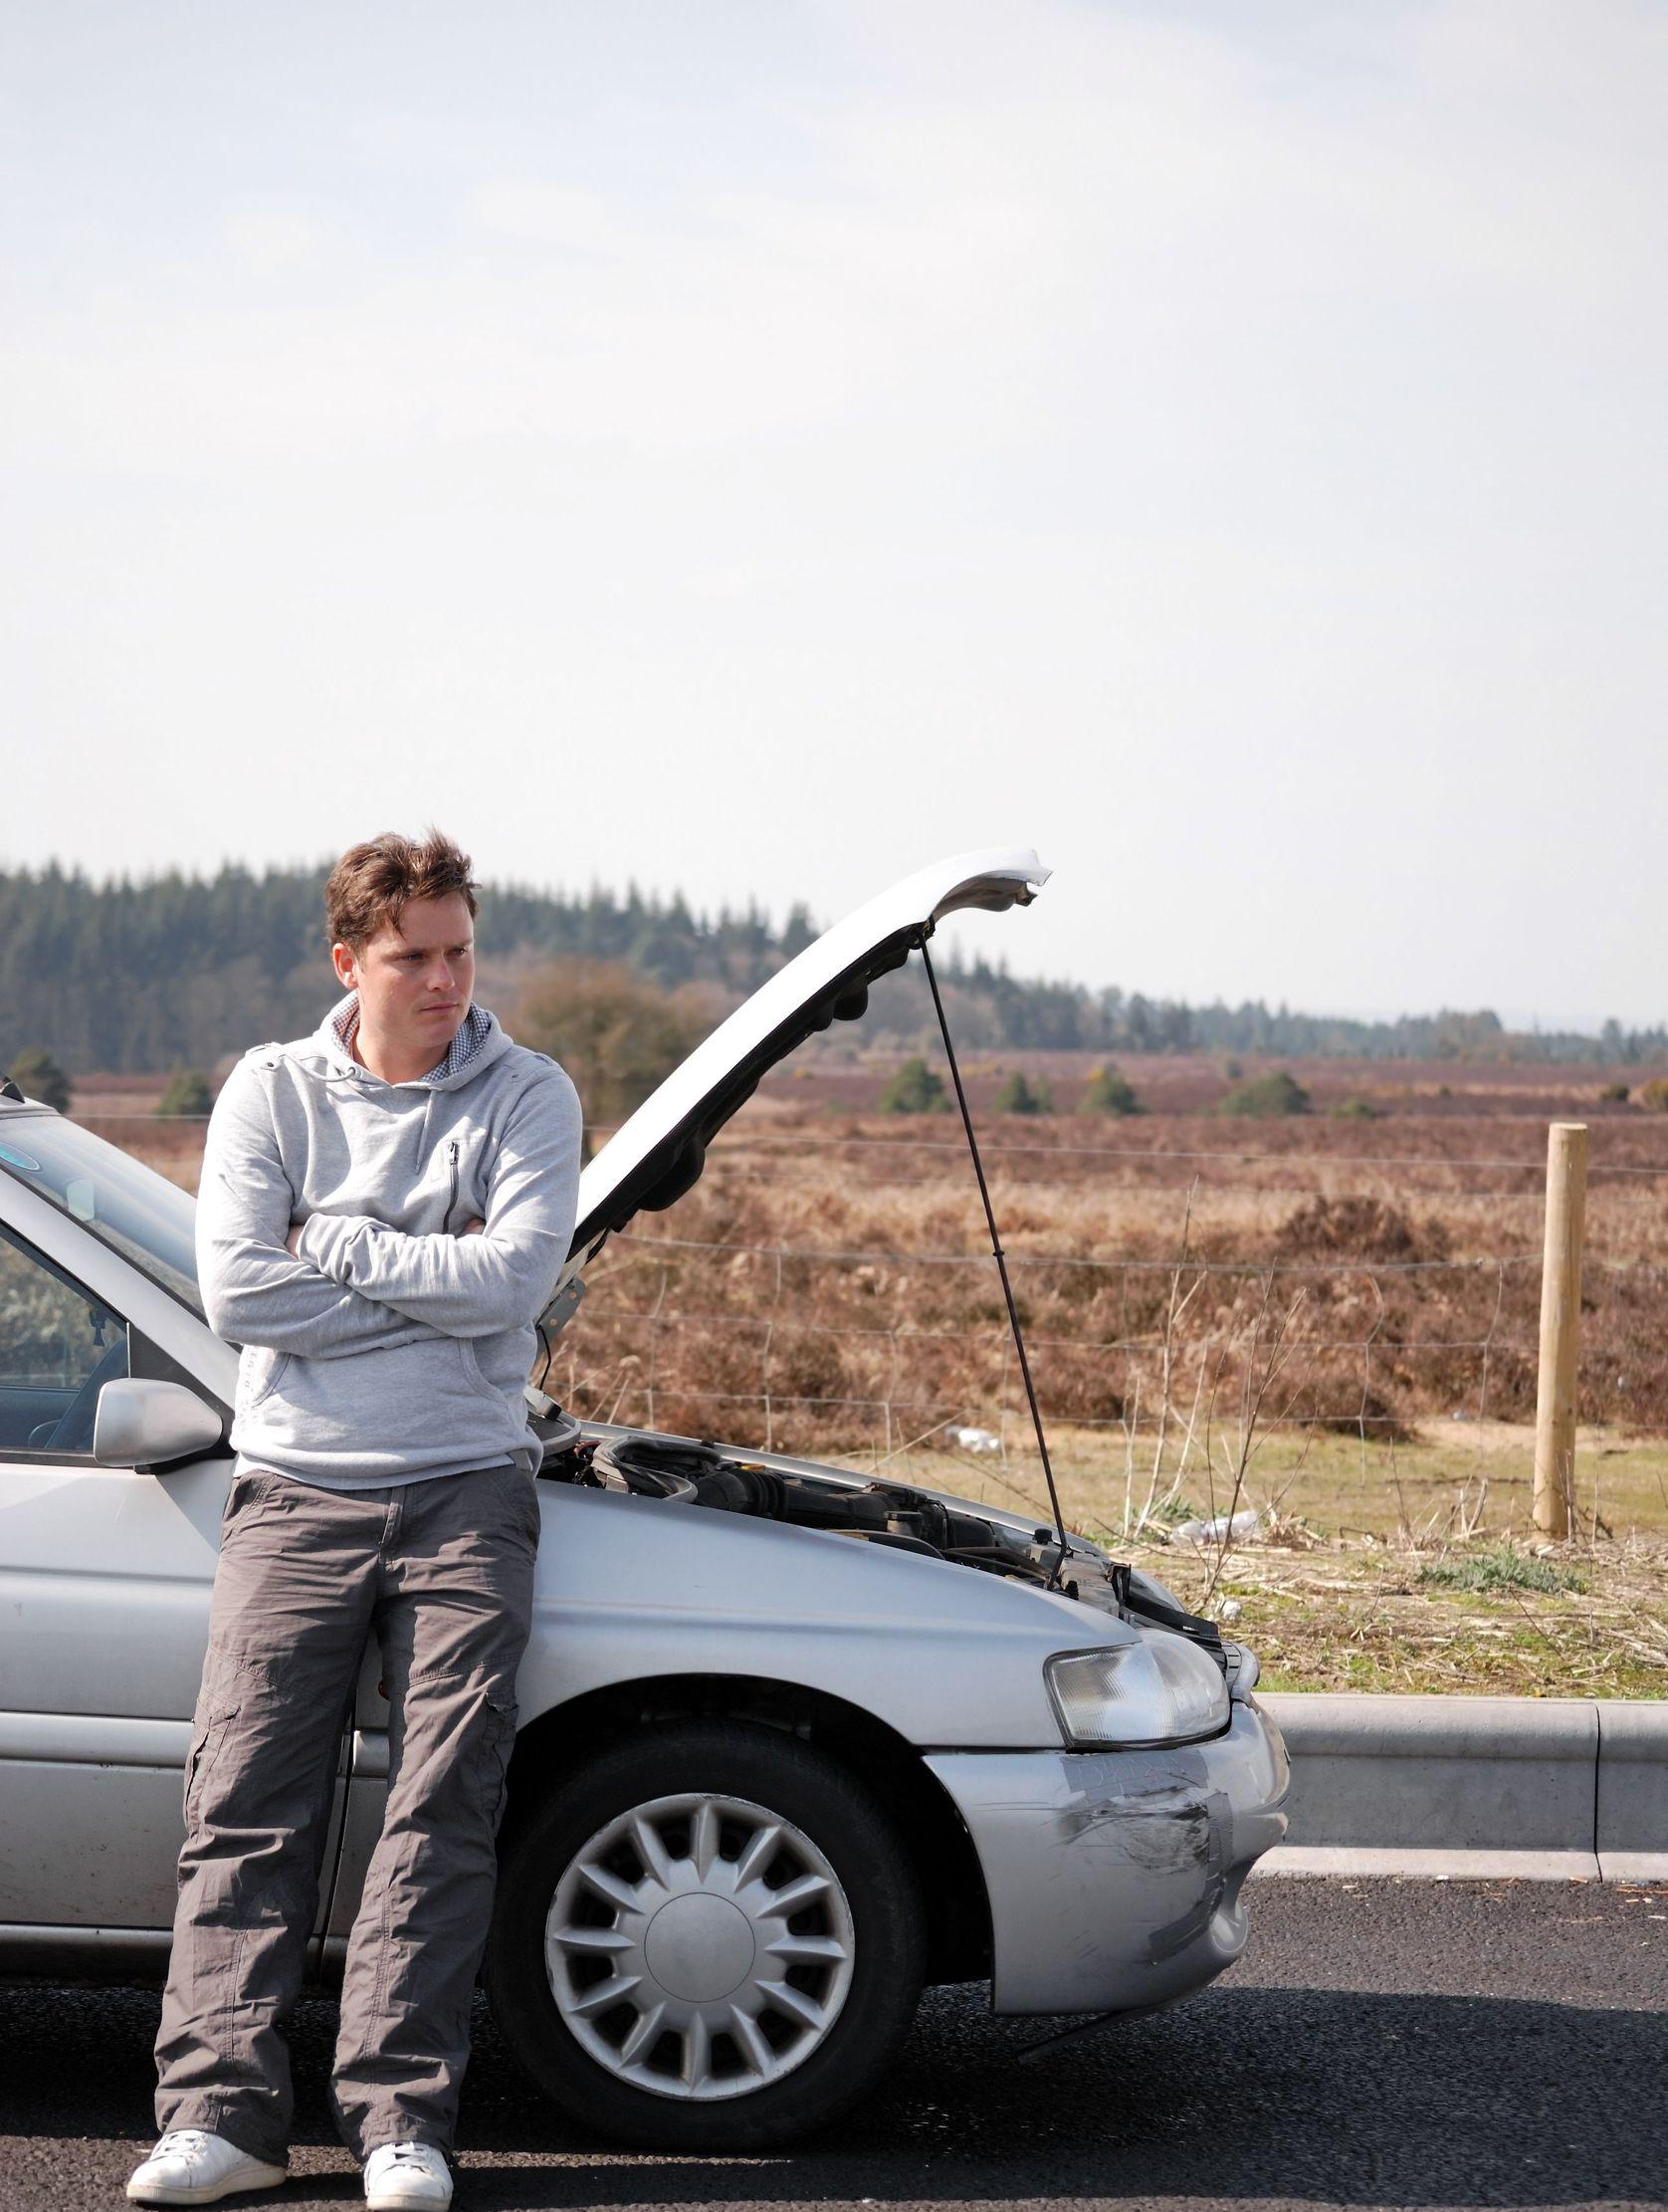 Atraso injustificado no conserto de veículo gera danos morais de 15 mil